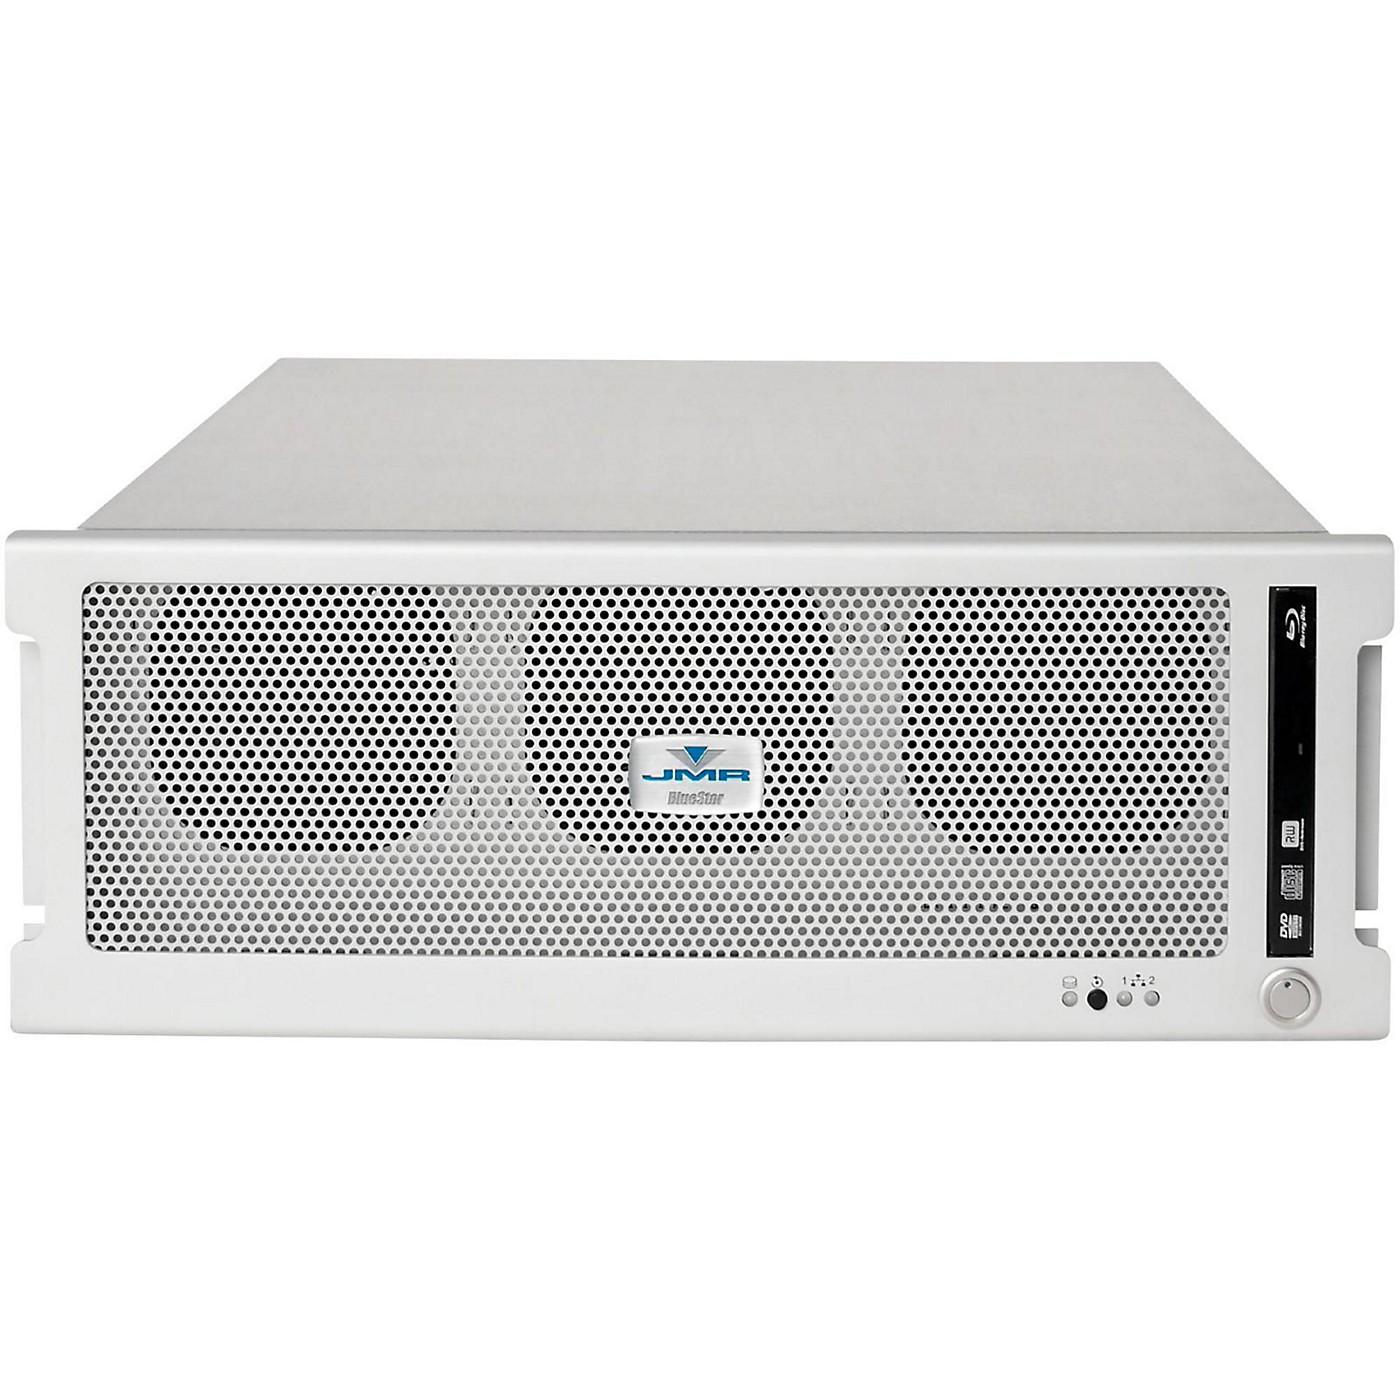 JMR Electronics BlueStor HPC Server thumbnail